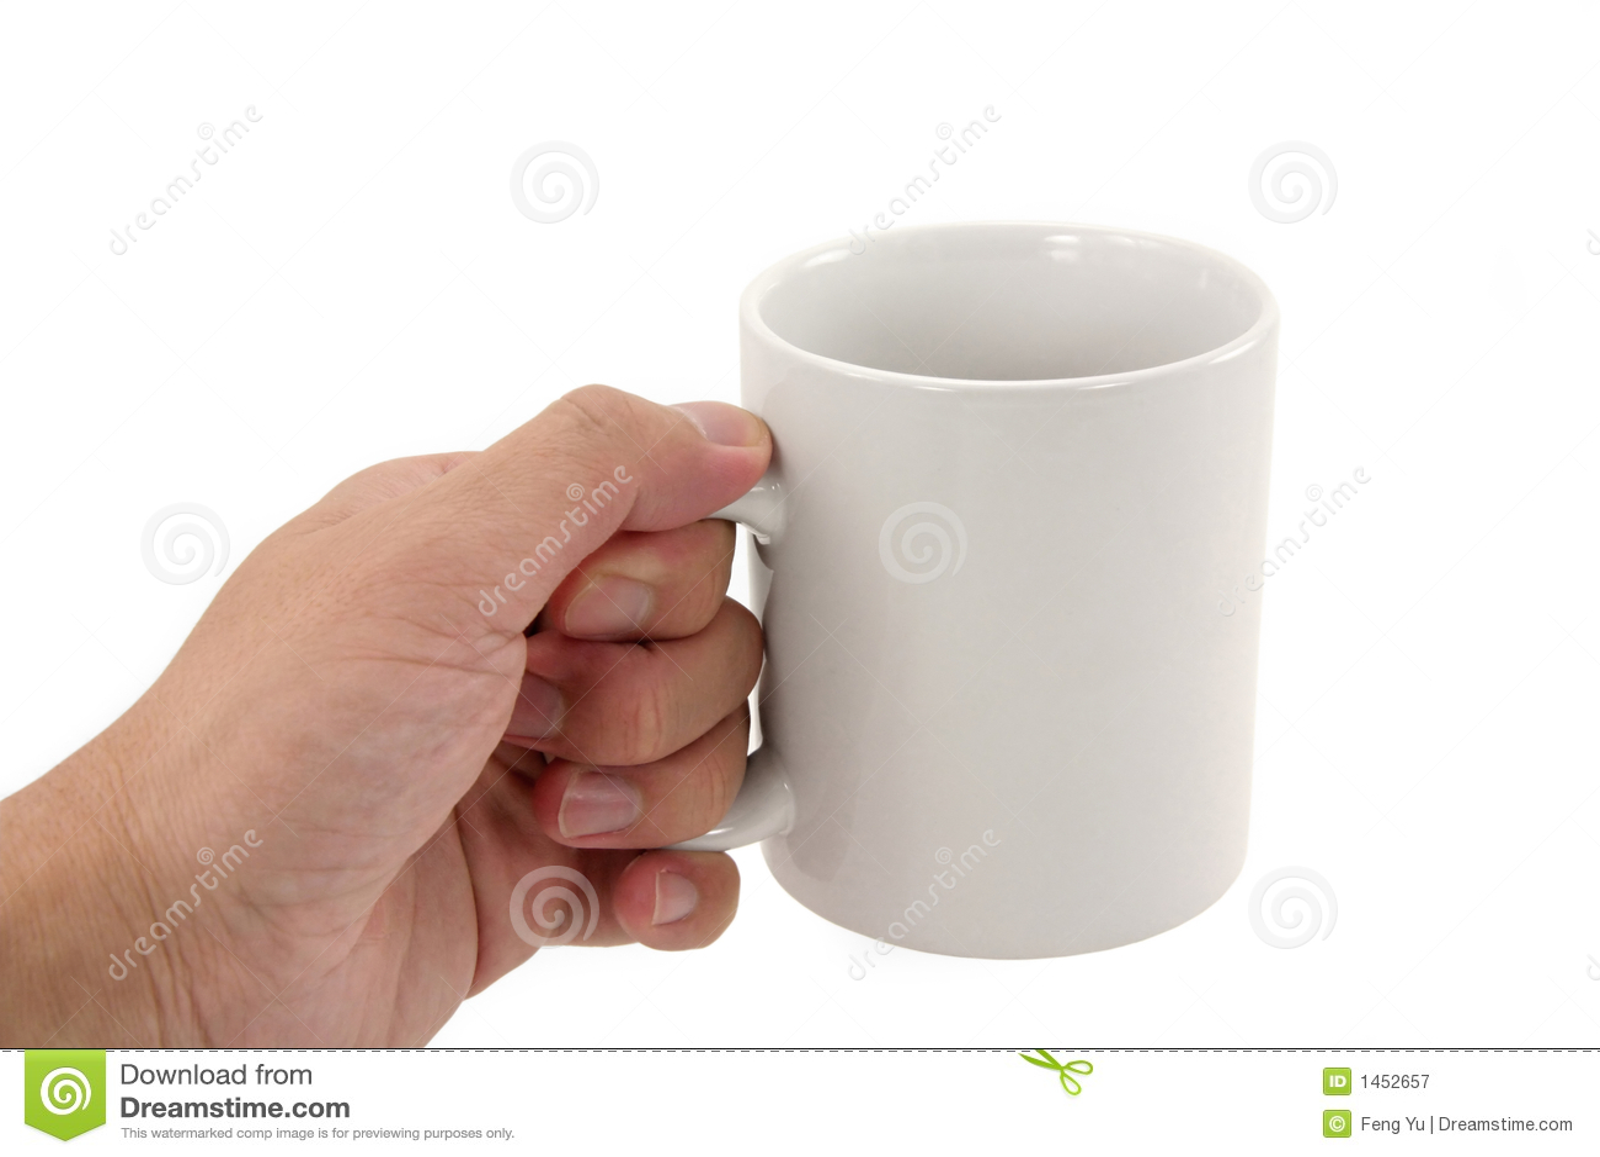 Hand Holding Coffee Mug Stock Image Image Of Isolated